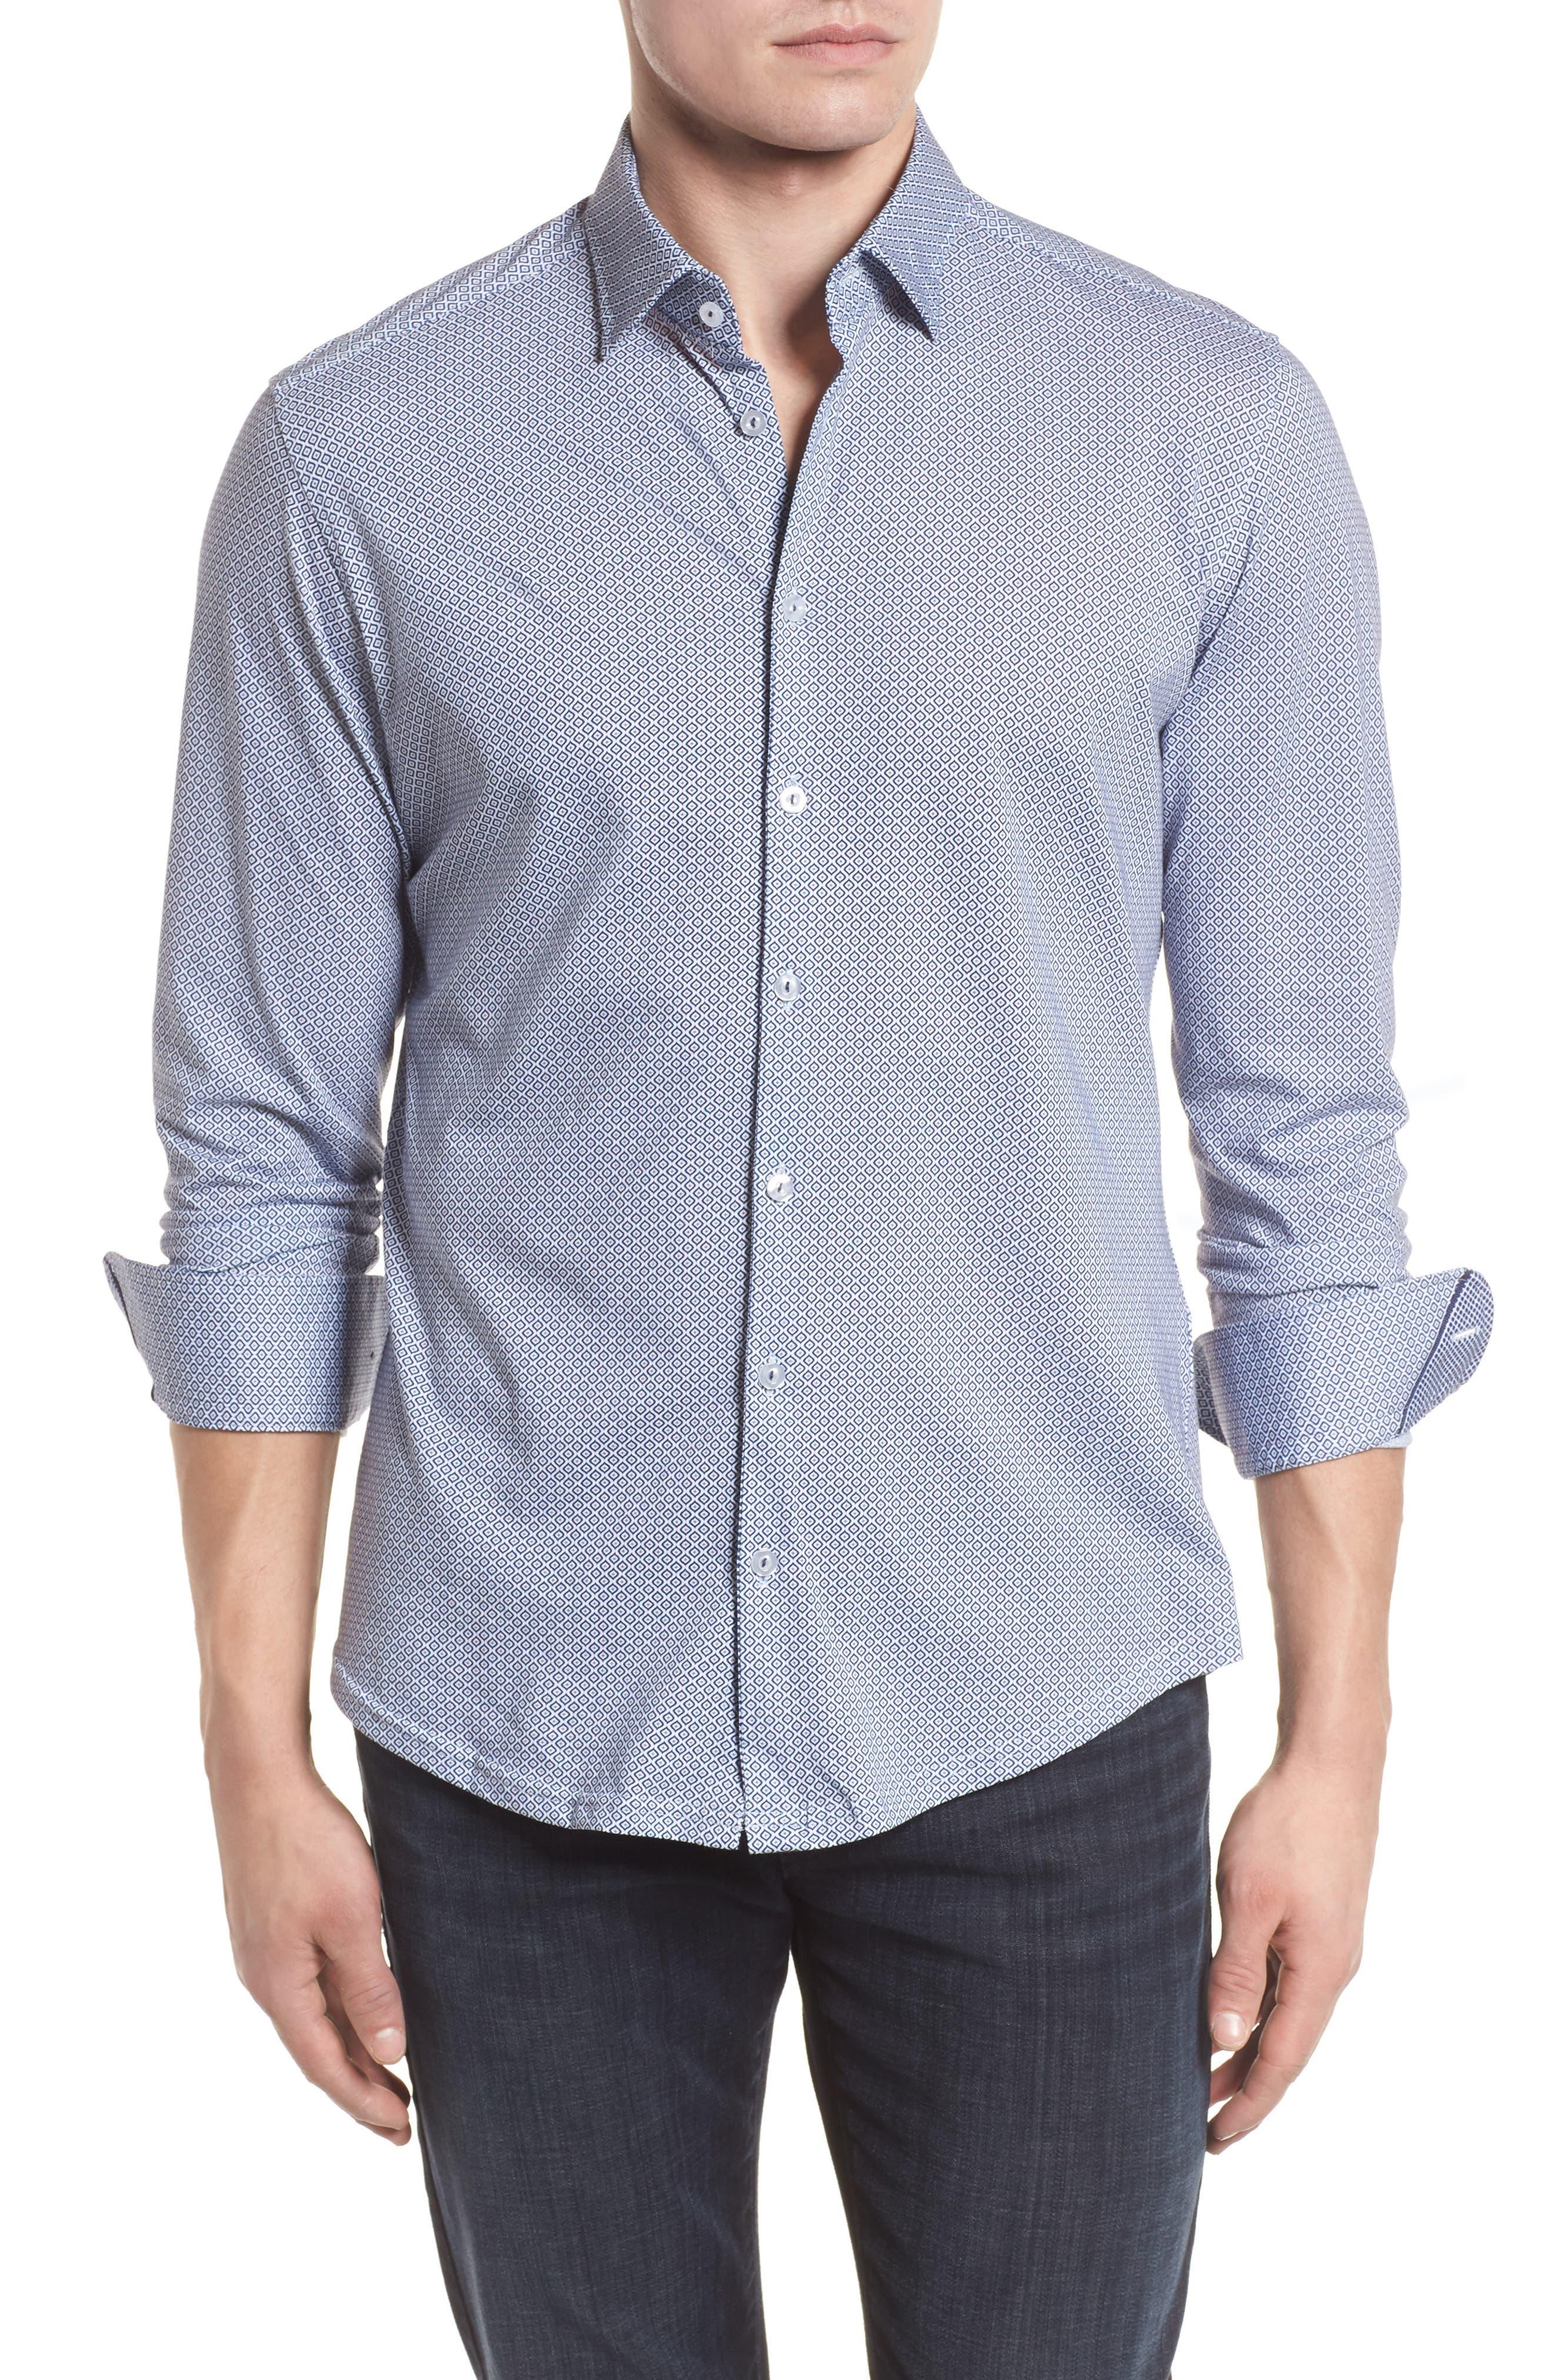 Diamond Print Knit Sport Shirt,                             Main thumbnail 1, color,                             100